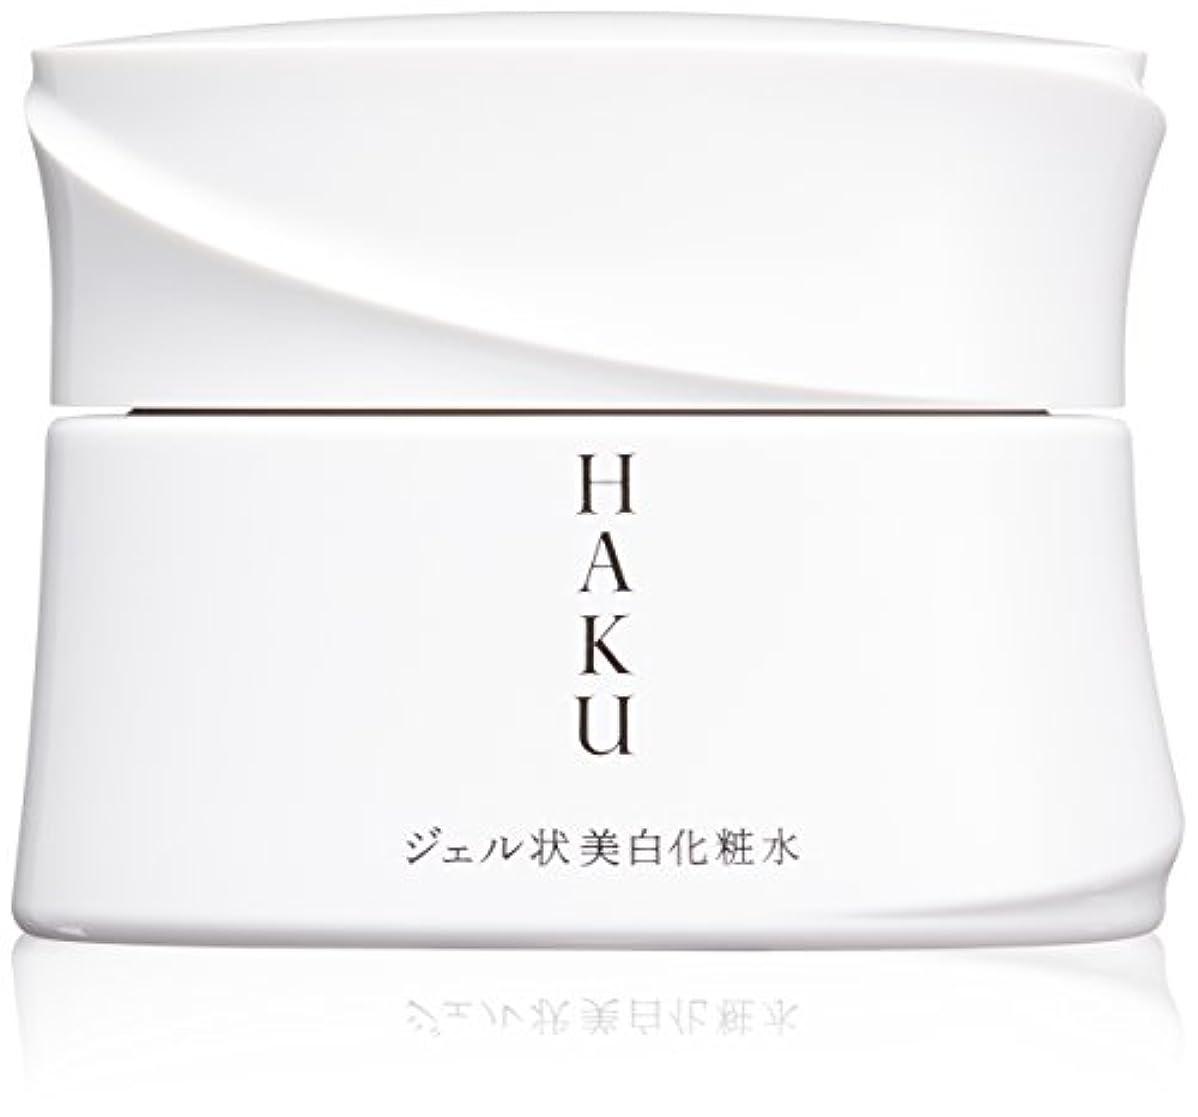 延ばす息切れプロトタイプHAKU メラノディープモイスチャー 美白化粧水 100g 【医薬部外品】